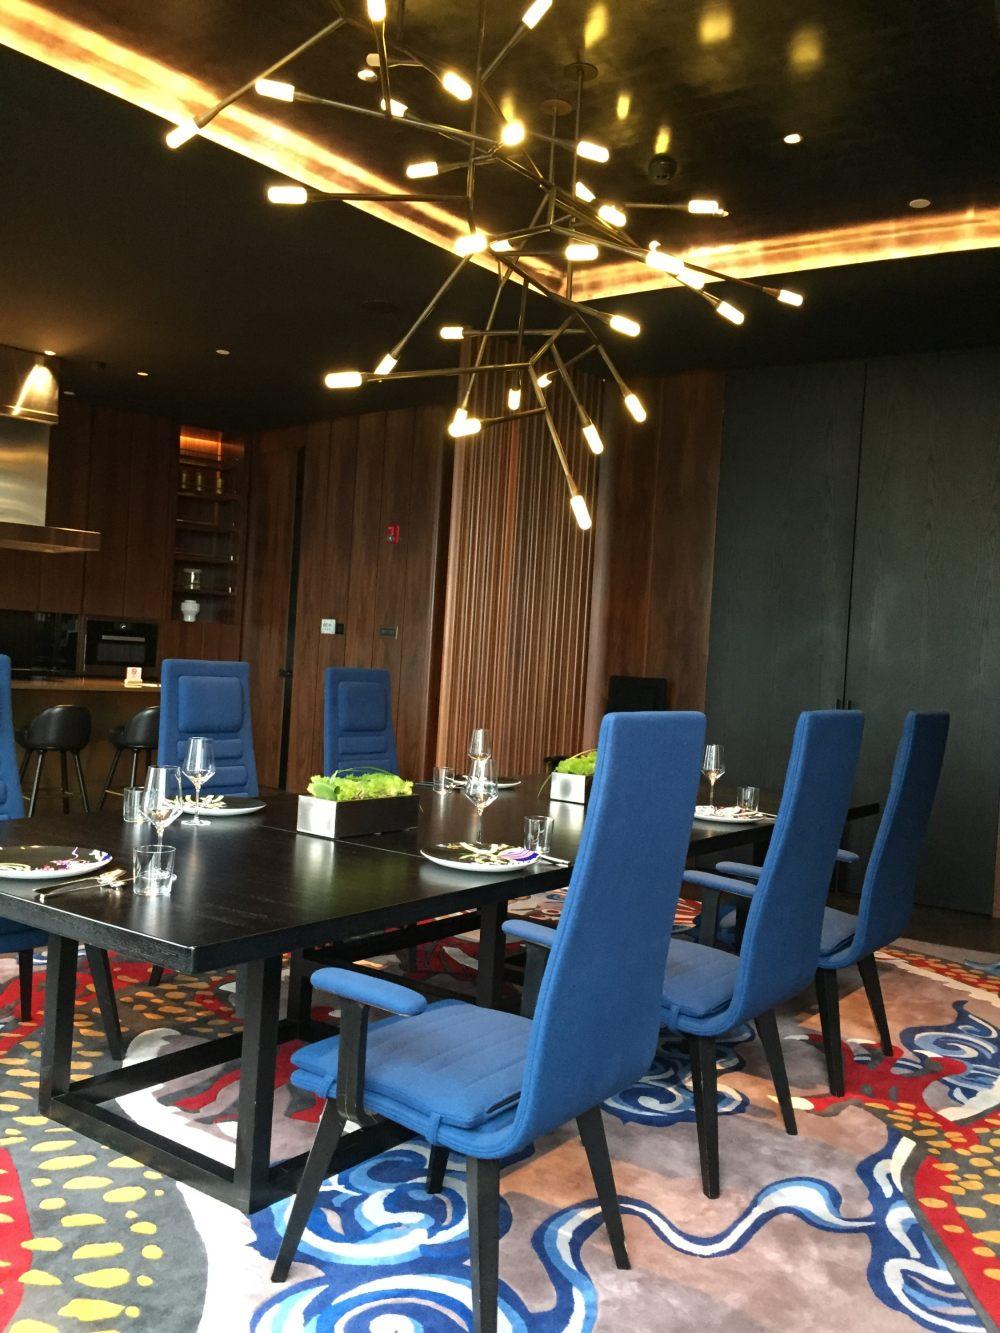 上海外滩W酒店,史上最全入住体验 自拍分享,申请置...._IMG_6298.JPG